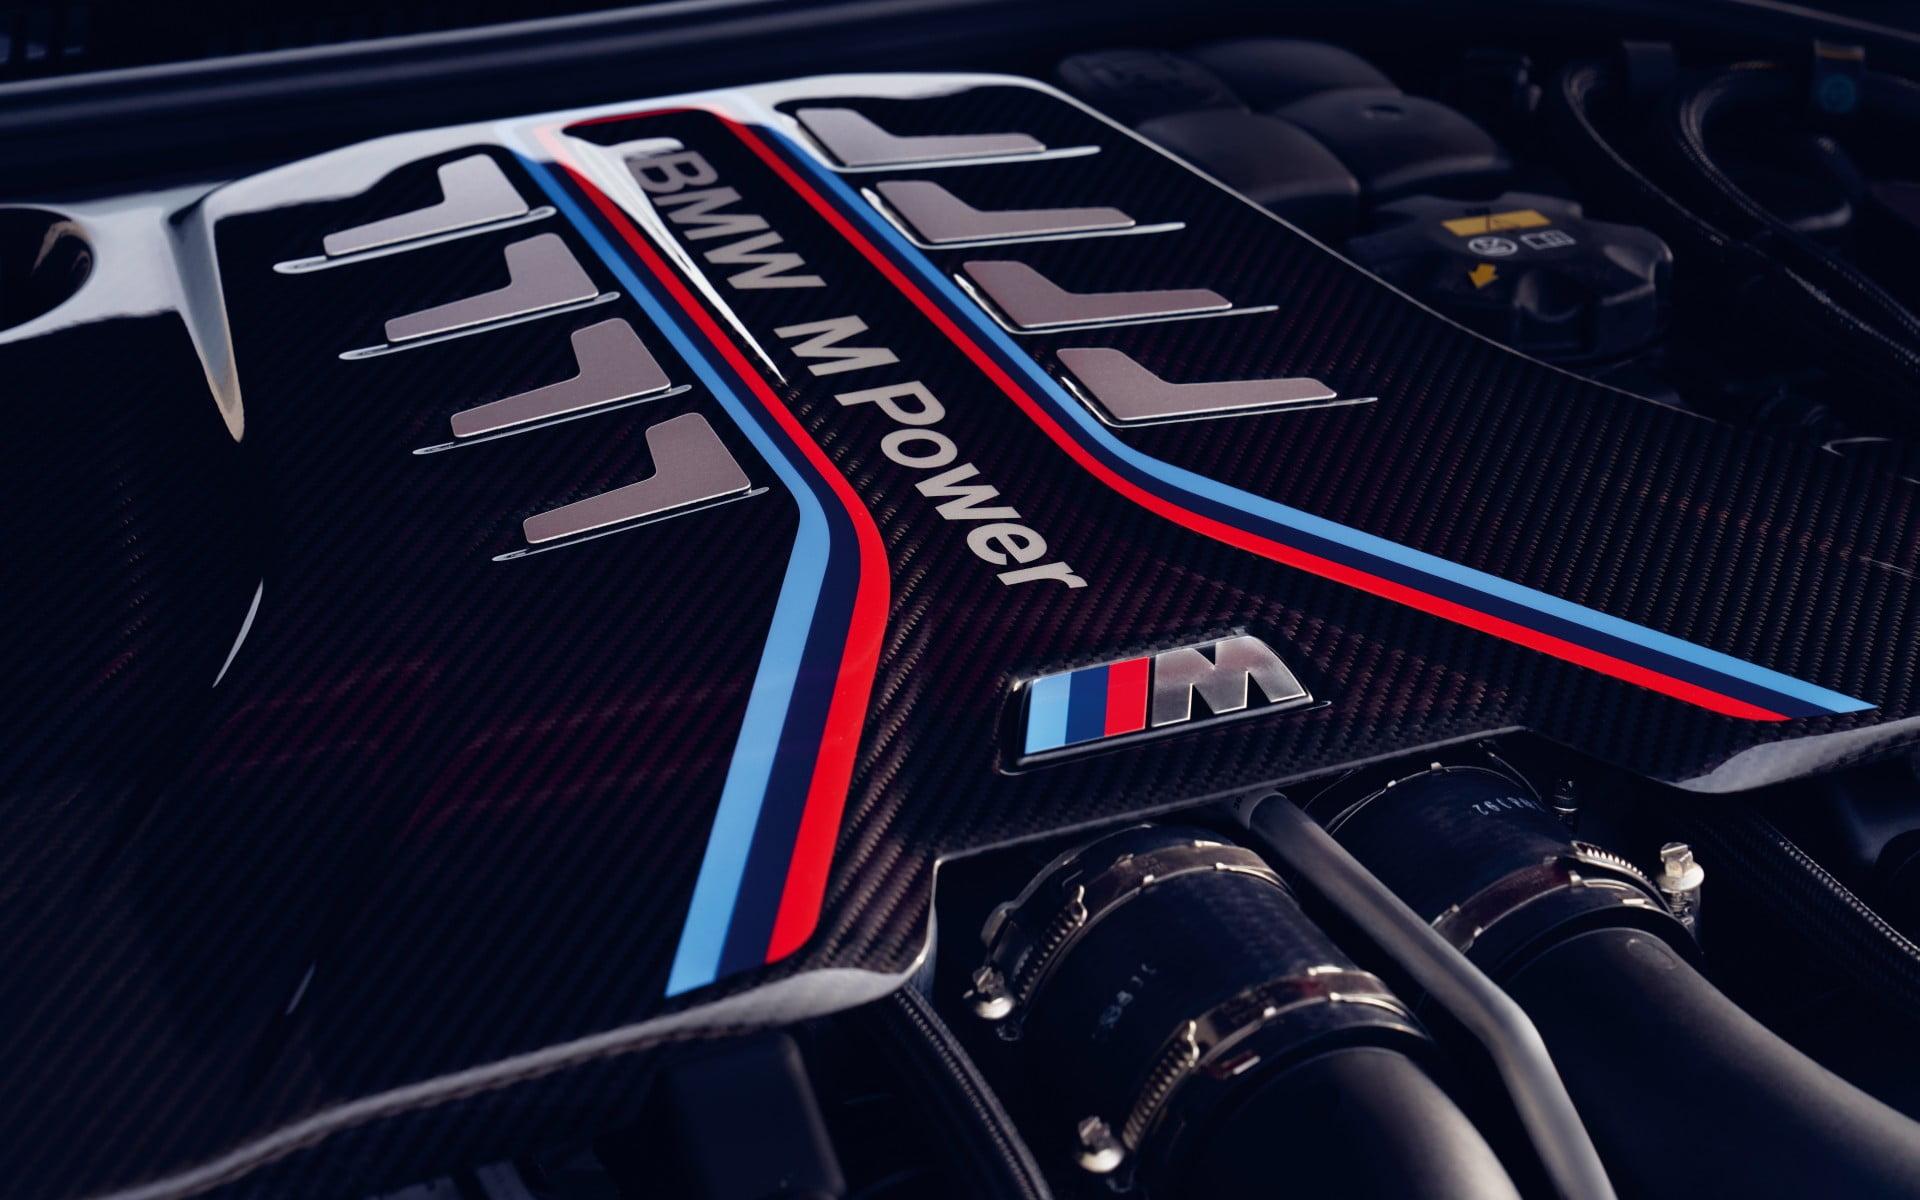 BMW Group eliminaría la mitad de sus variantes de transmisión para 2025